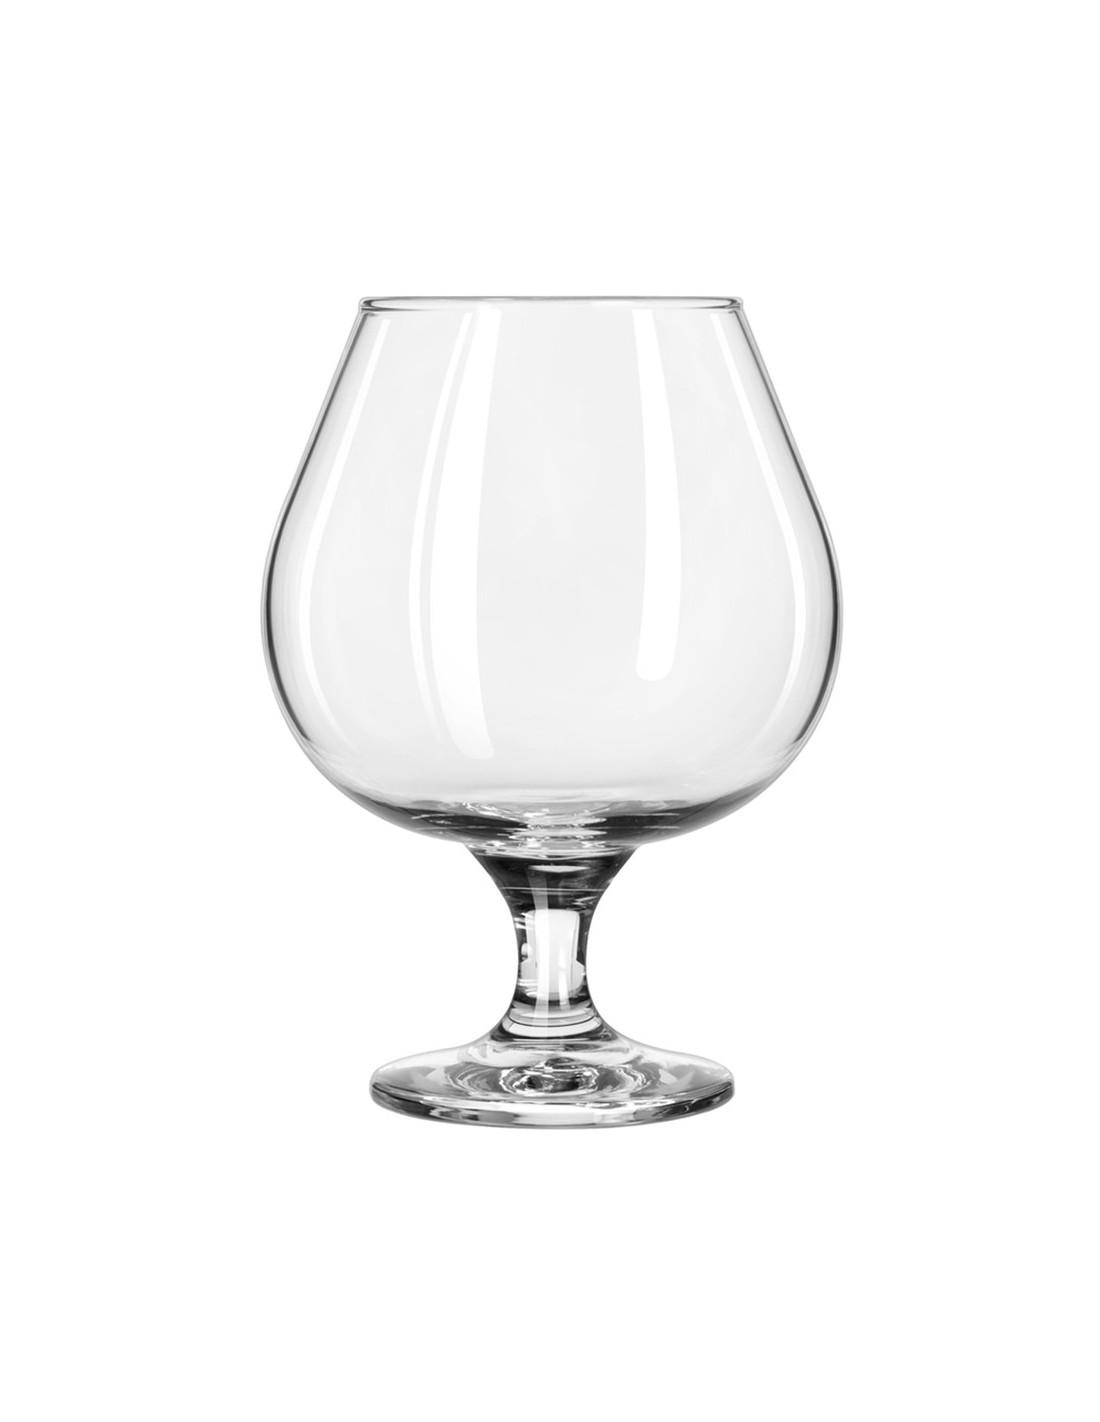 Crisa 96320 copa co ac imperio 163 ml for Cristaleria copas